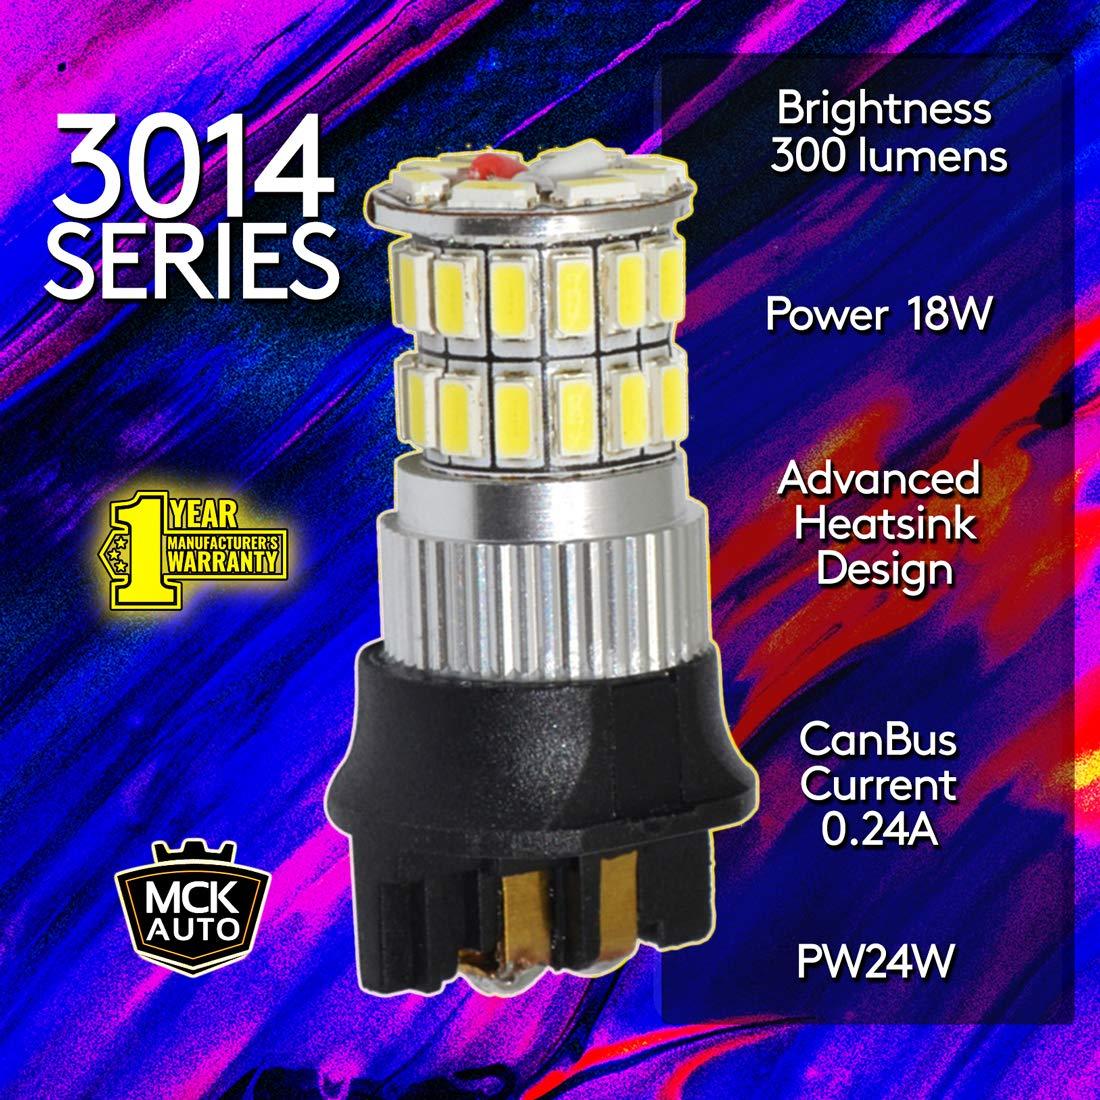 MCK Auto Sostituzione per LED CanBus PW24W Set di lampadine bianche molto chiare e senza errori compatibili con la Serie 3 CC